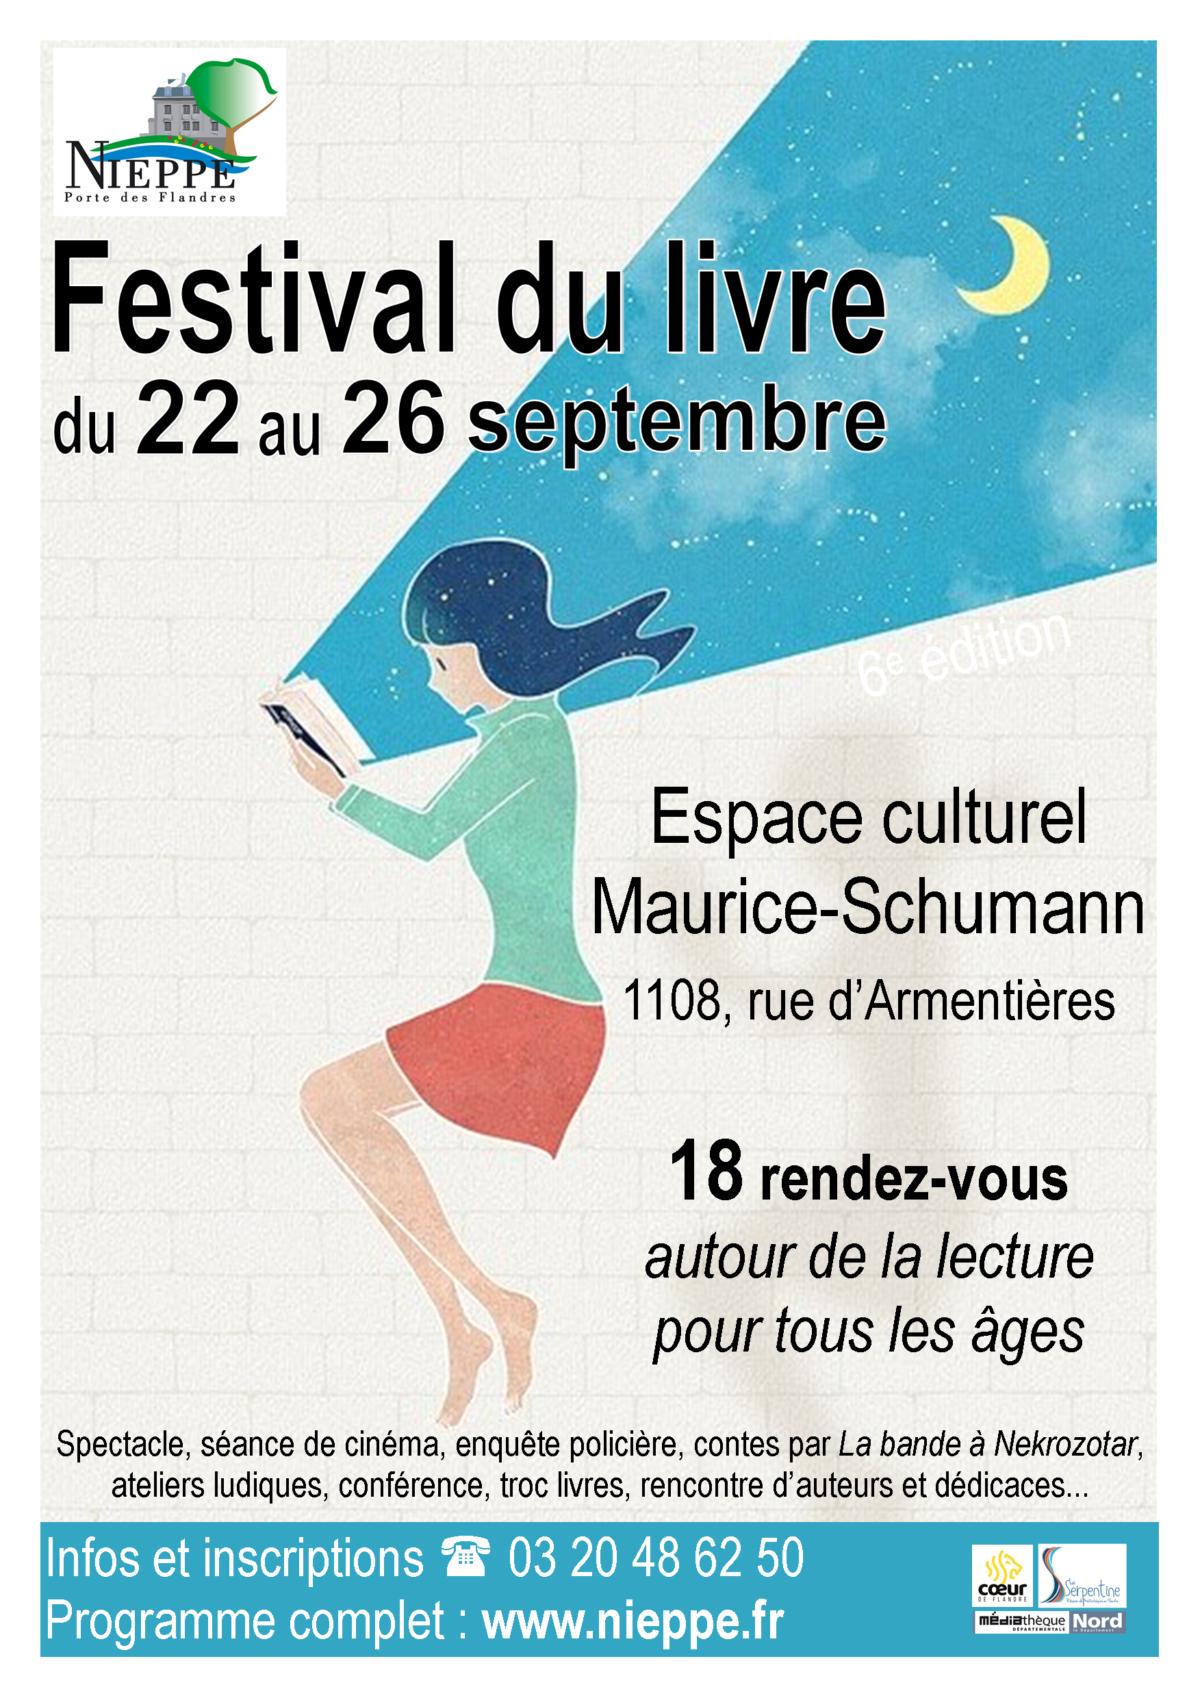 Festival du livre du 22 au 26 septembre